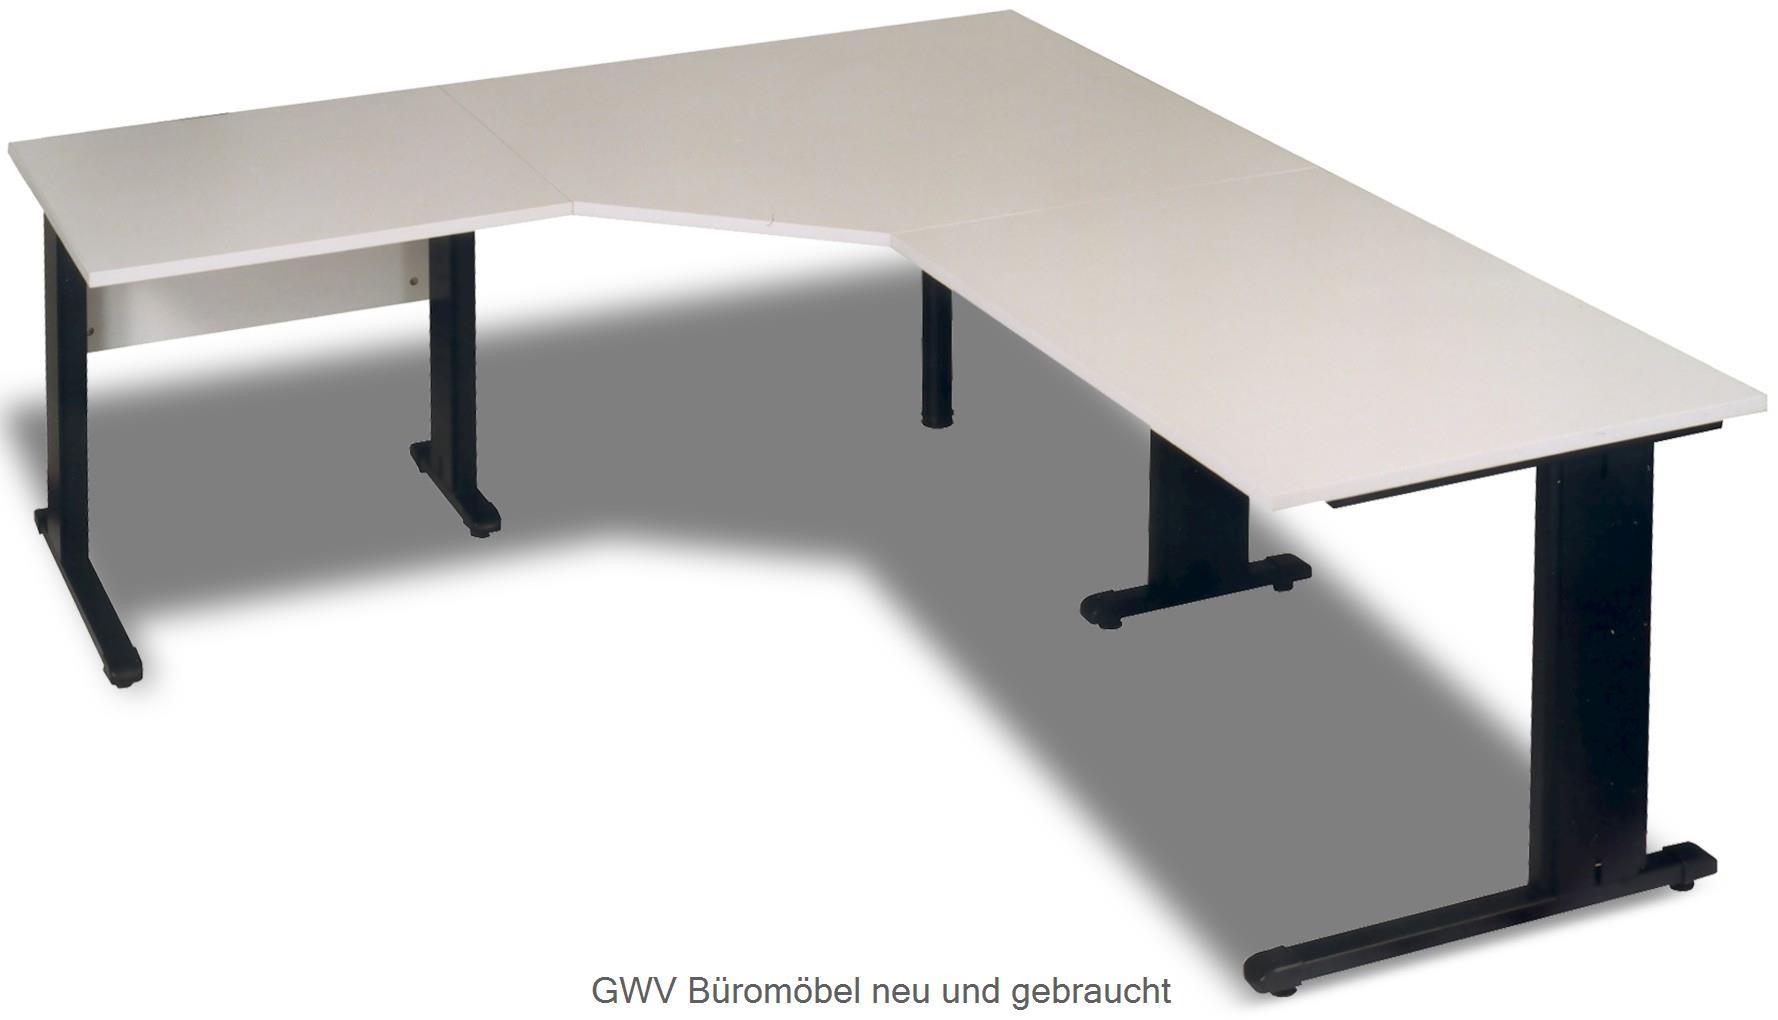 winkelschreibtisch grau 240 x 240 cm lichtgrau gwv. Black Bedroom Furniture Sets. Home Design Ideas